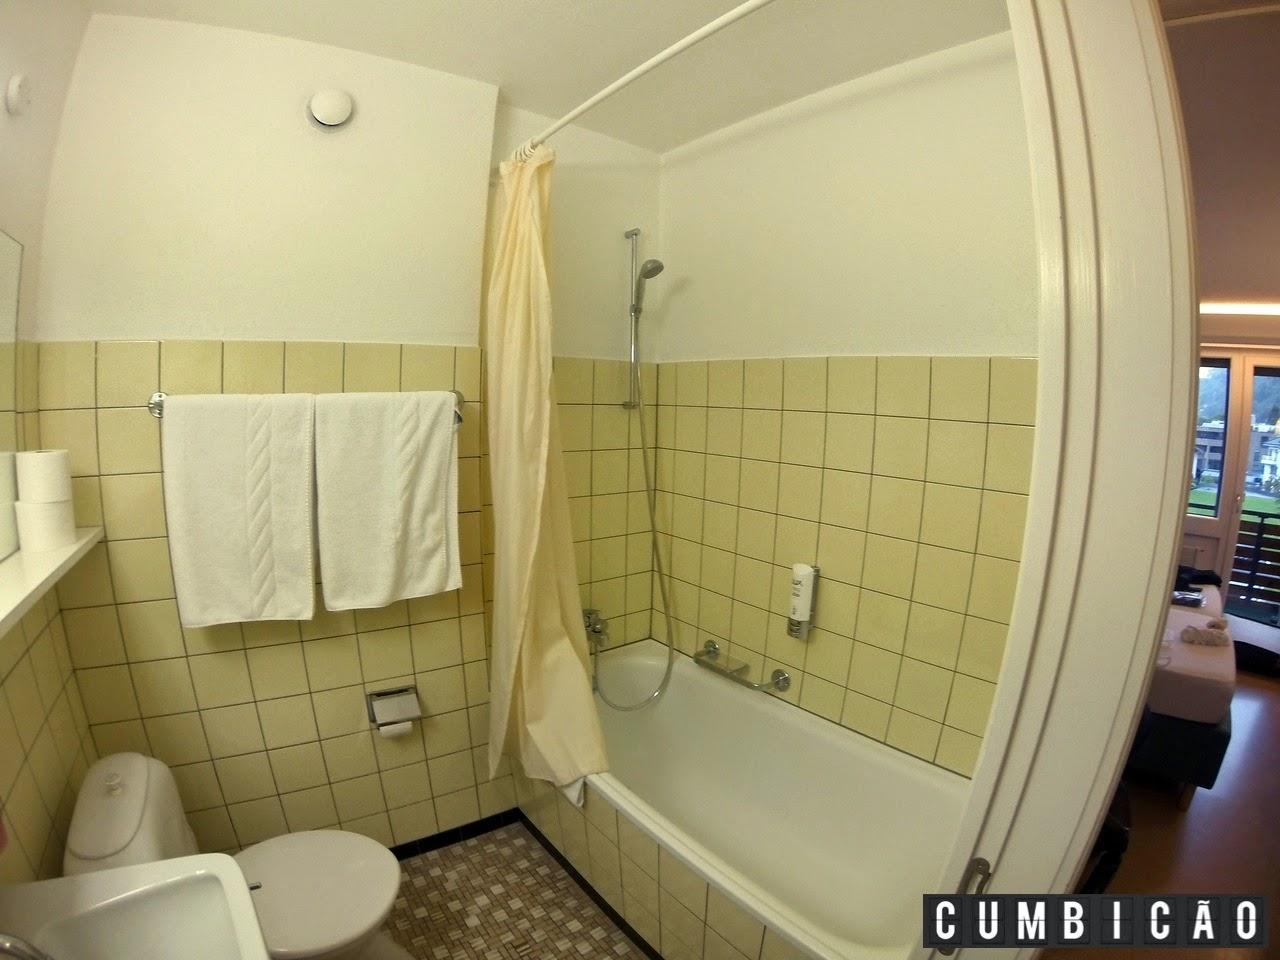 banheiro é limpo mas parece super antigo. #31679A 1280 960